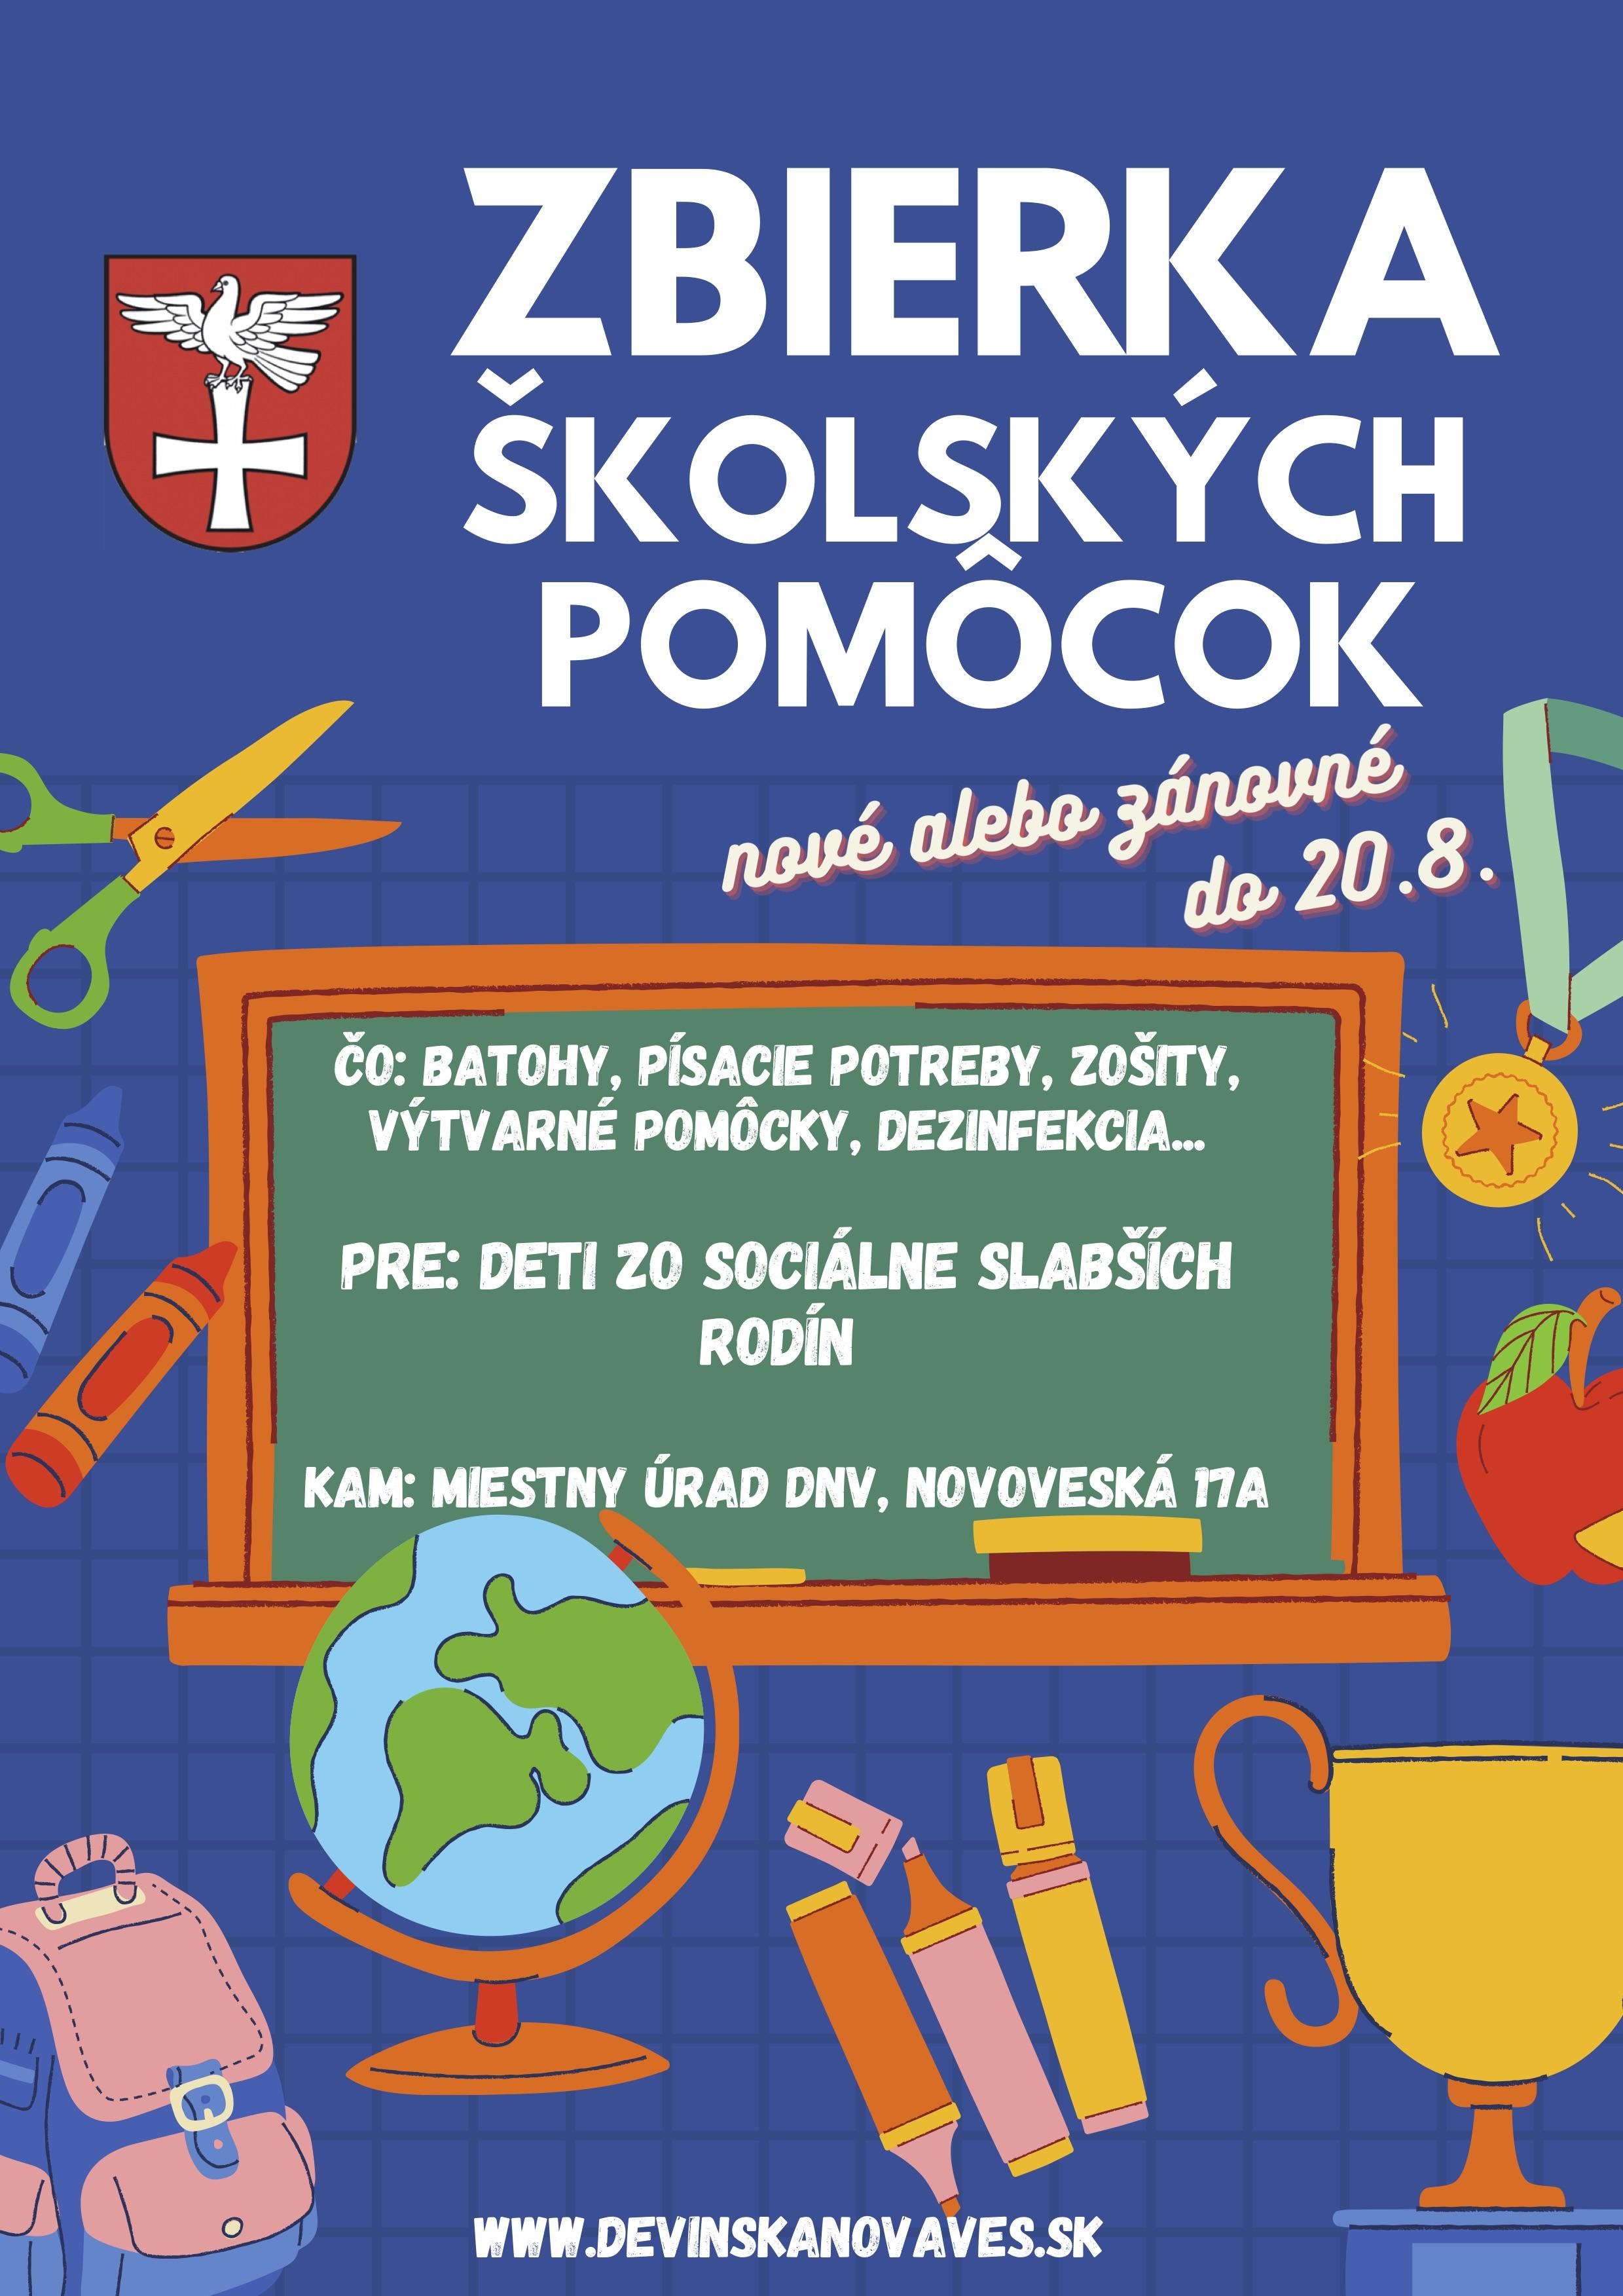 Zbierka_skolskych_pomocok